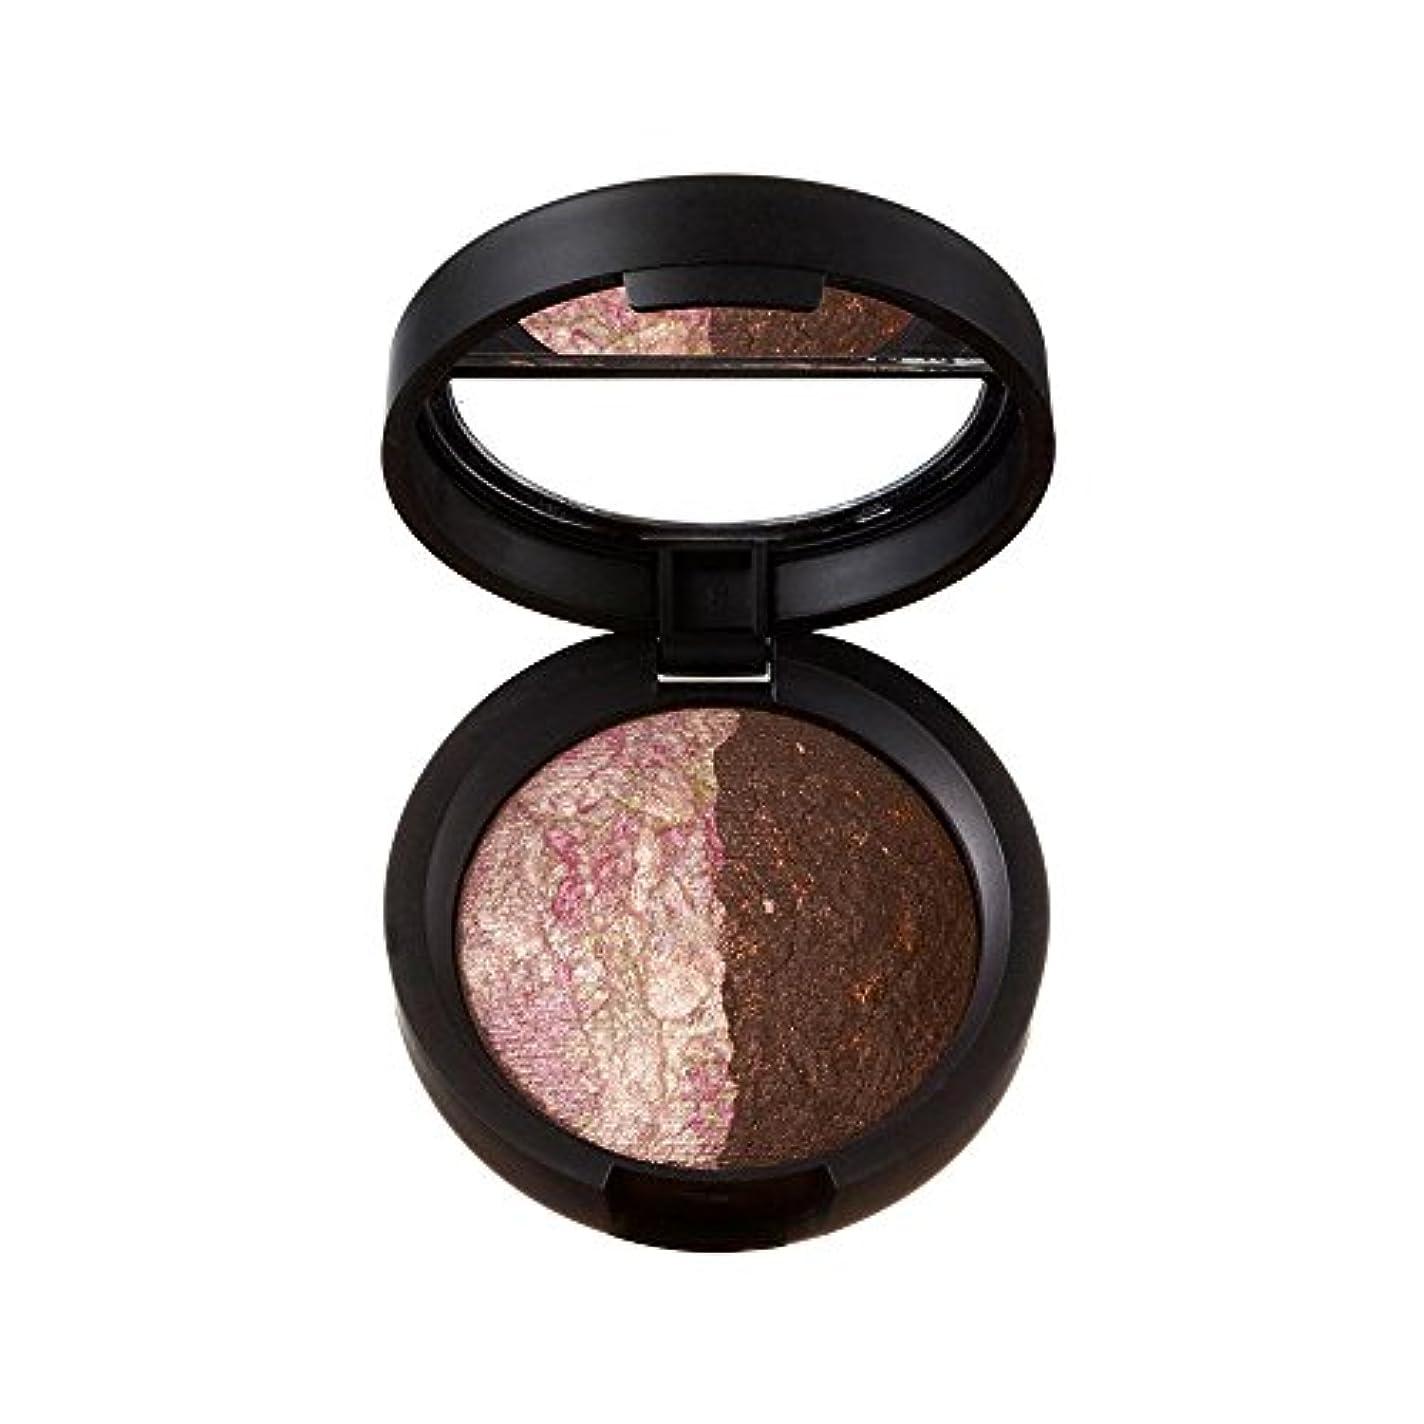 検査官裏切り集団的ローラ?ゲラー Baked Marble Shadow Duo - # Pink Icing/Devil's Food 1.8g/0.06oz並行輸入品